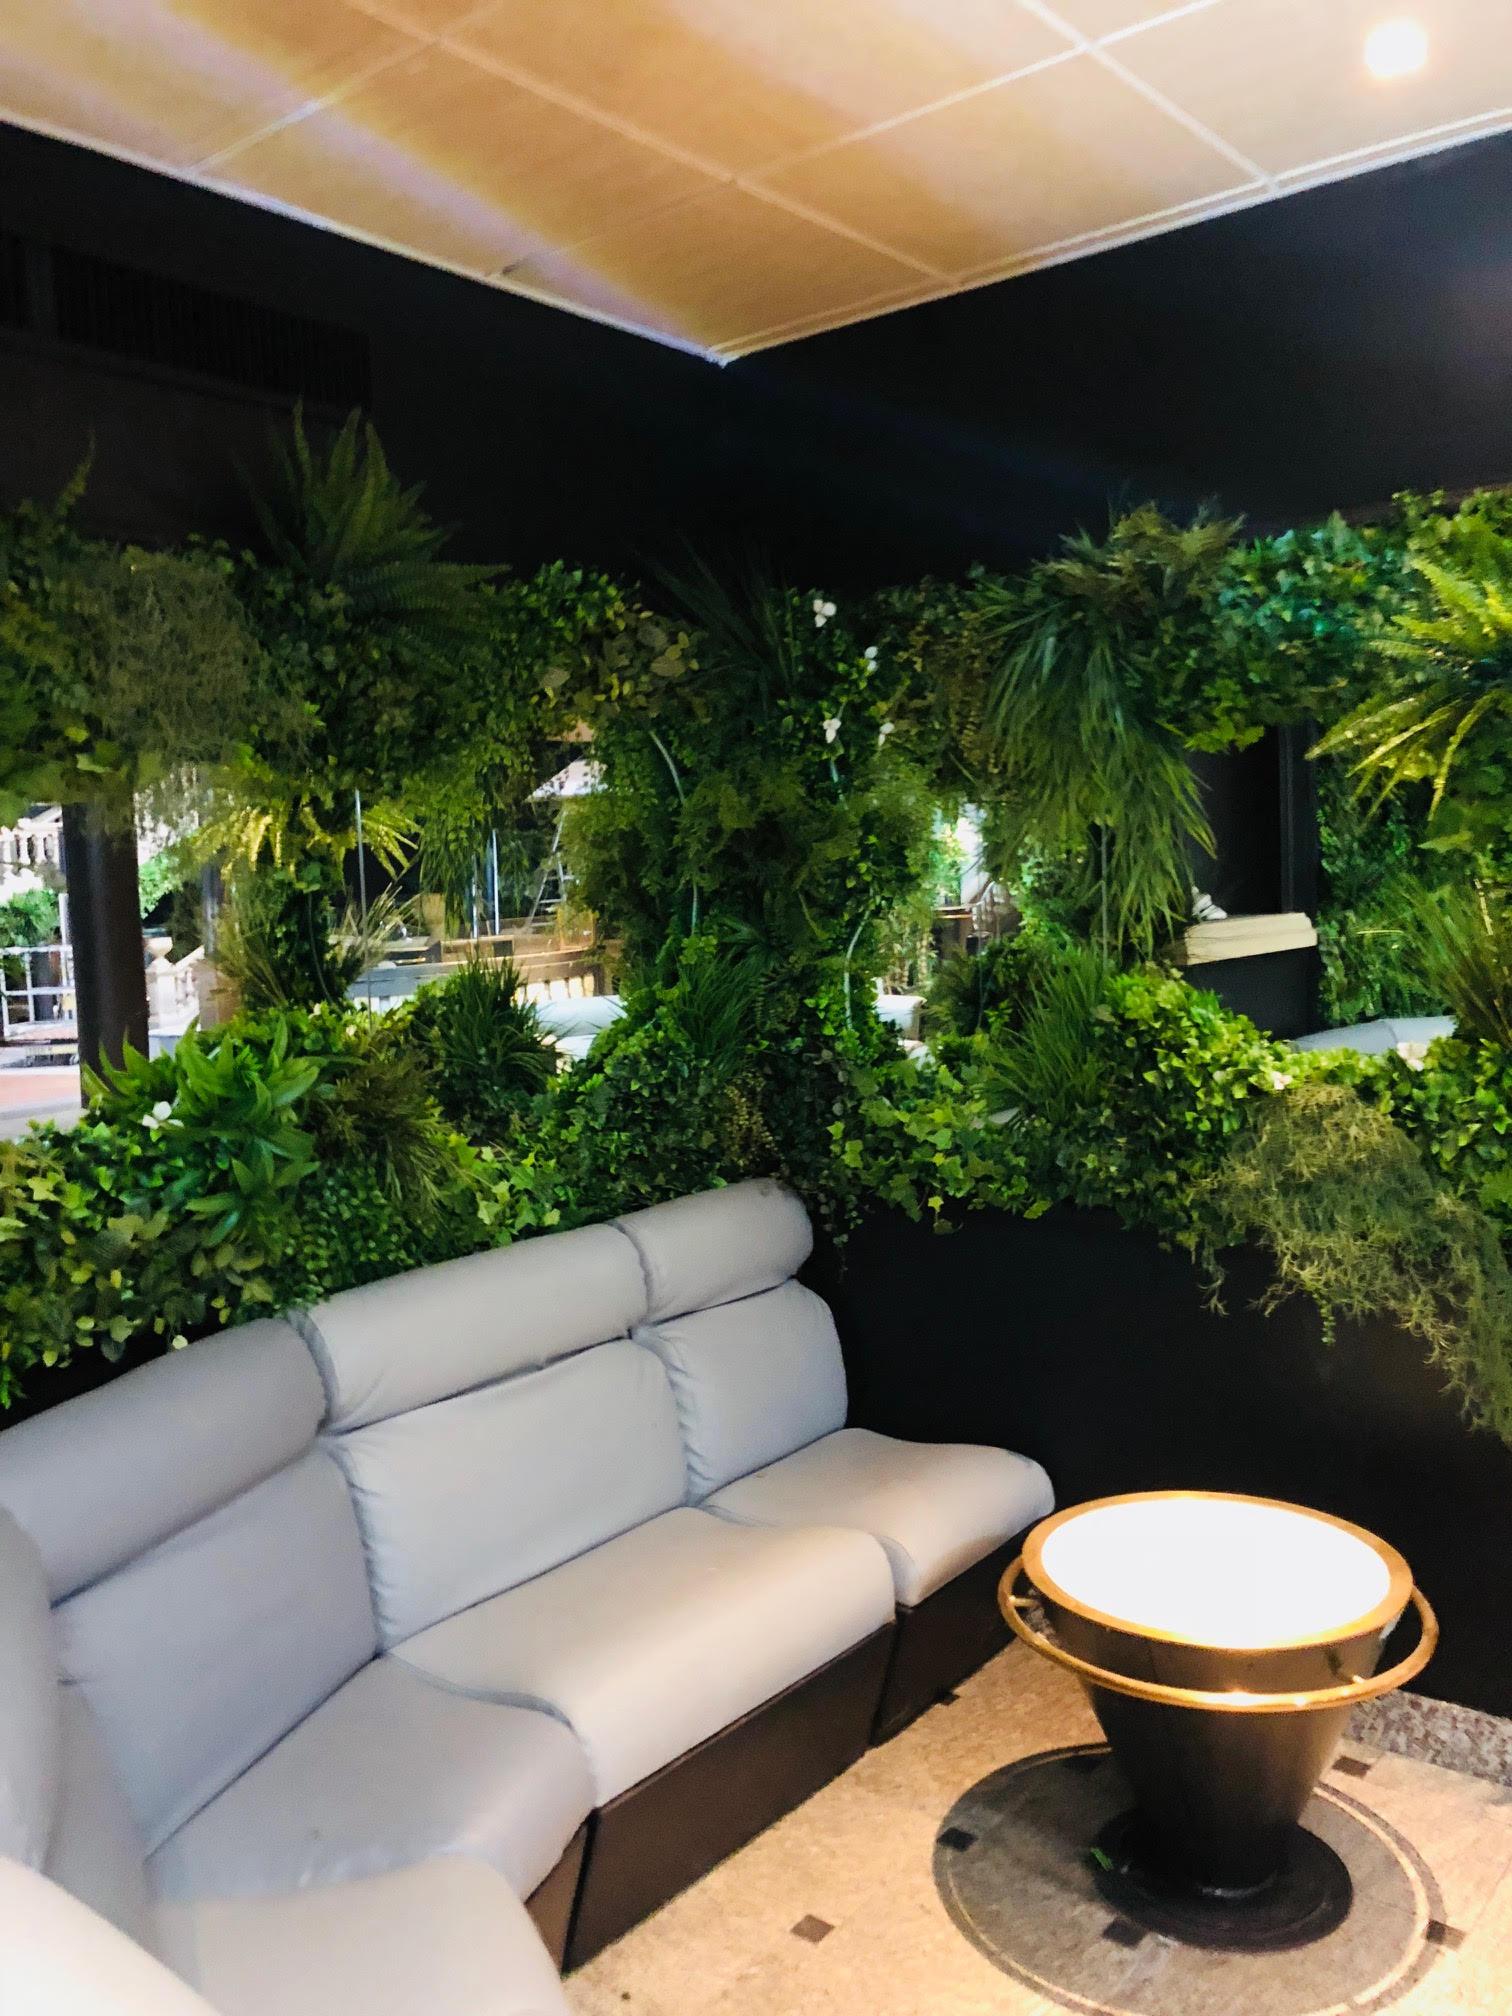 compositions en v g taux artificiels boite de nuit le palacio ivry sur seine vegetal. Black Bedroom Furniture Sets. Home Design Ideas